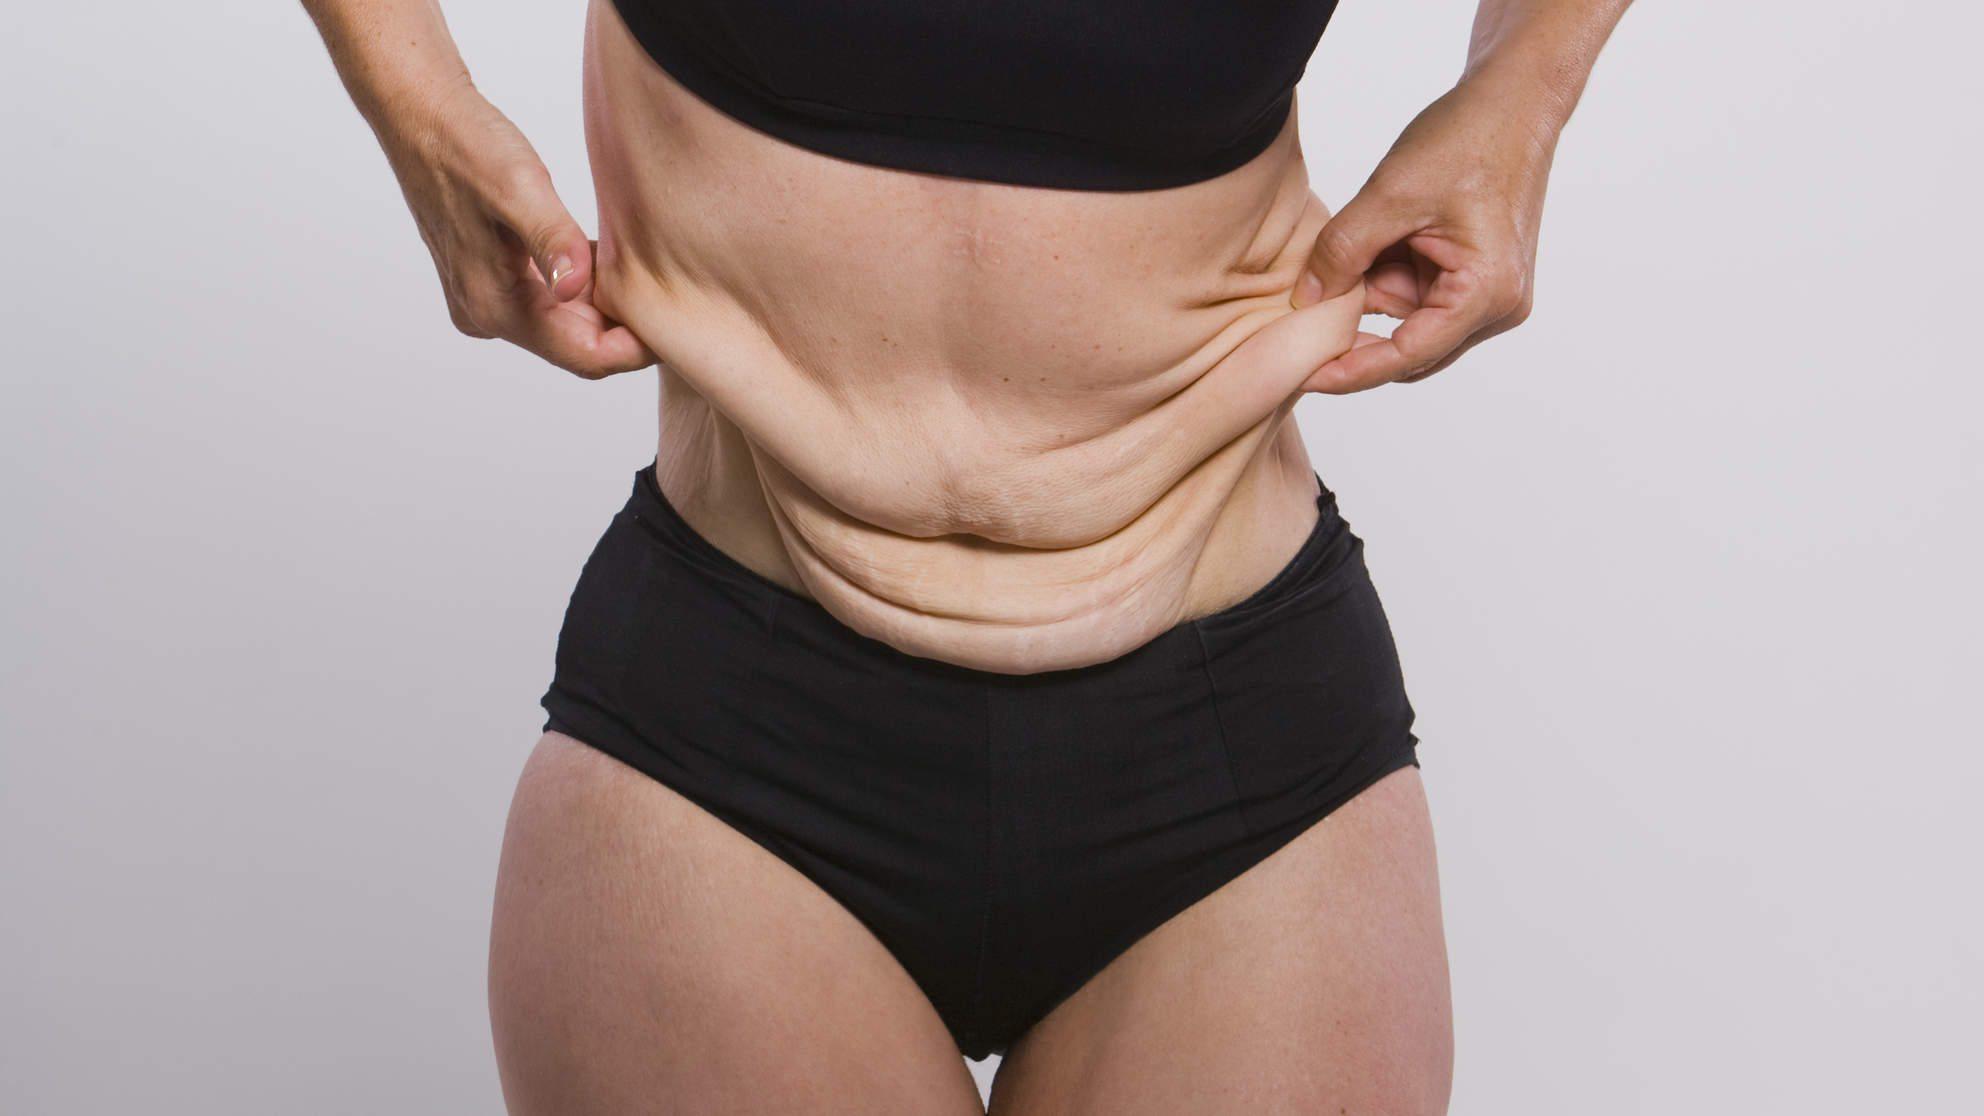 proteina para desmontar de balanza y especificar ahora abdomen